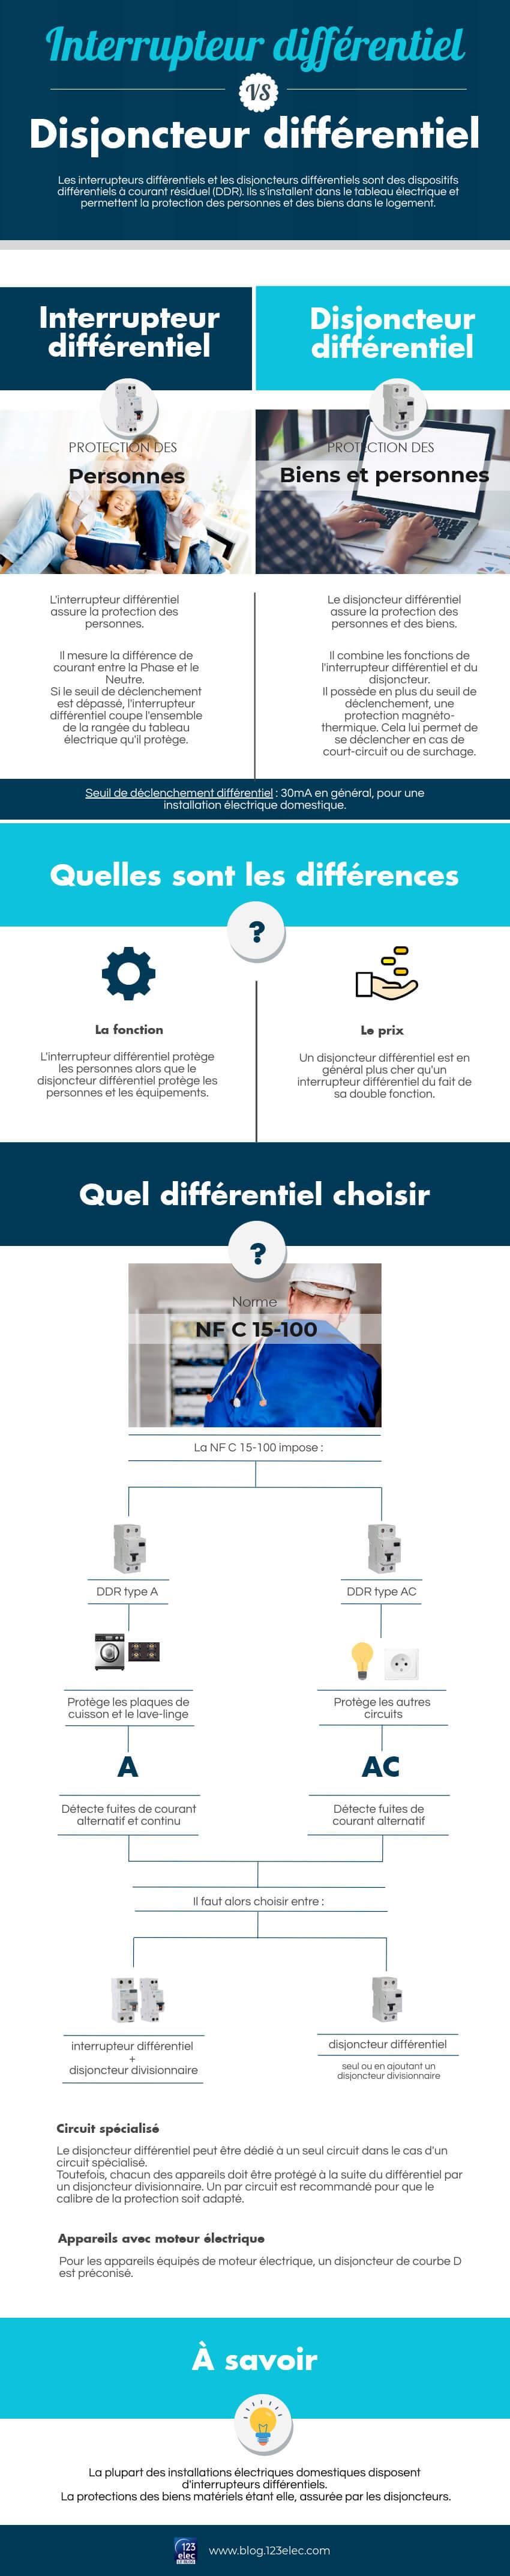 Circuit Dedie Salle De Bain ~ interrupteur diff rentiel vs disjoncteur diff rentiel blog 123elec